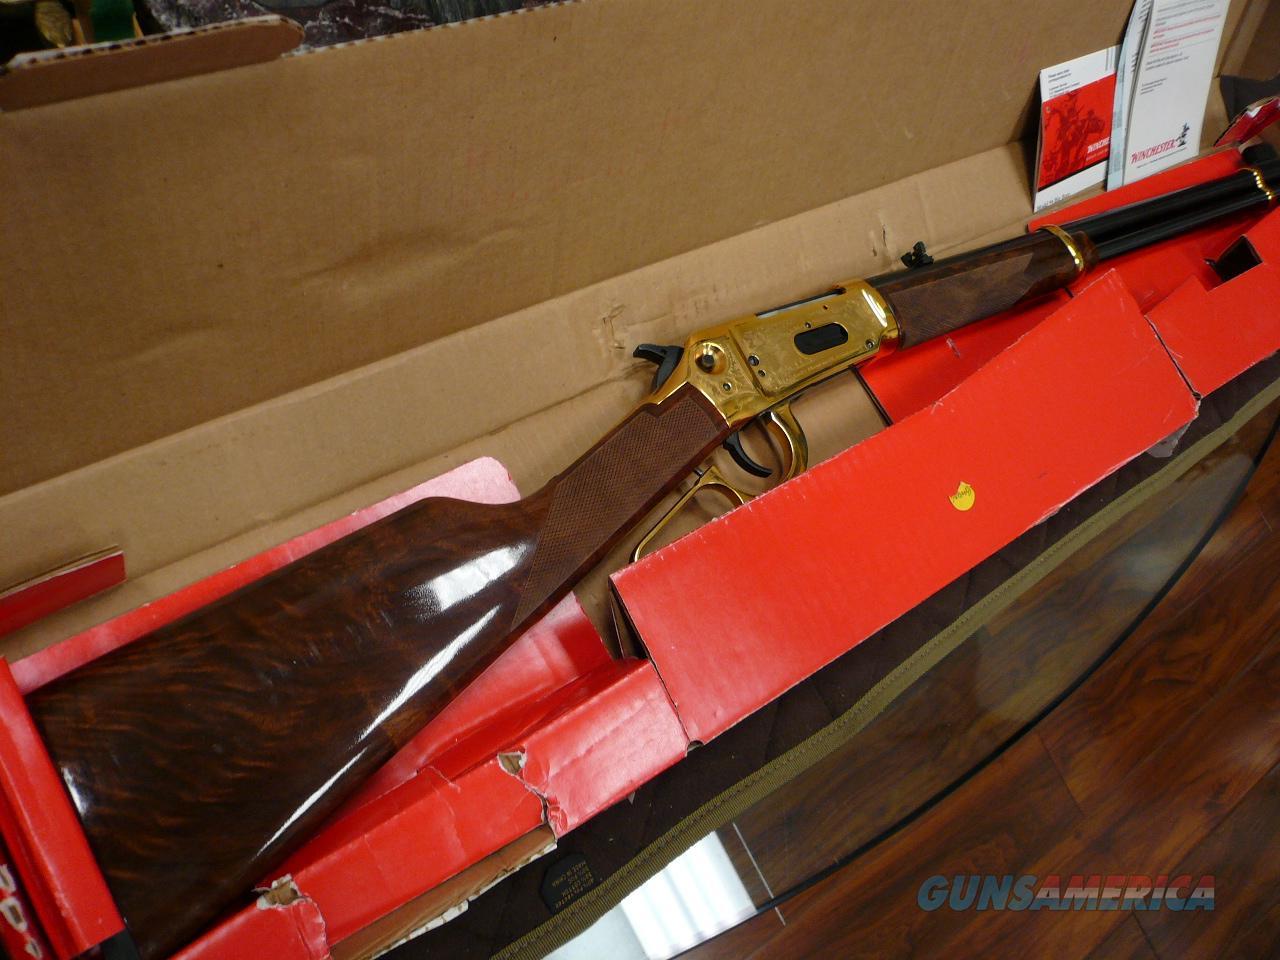 MODEL-94AE 356WIN (1997 ROCKY MOUNTAIN ELK FOUN... for sale